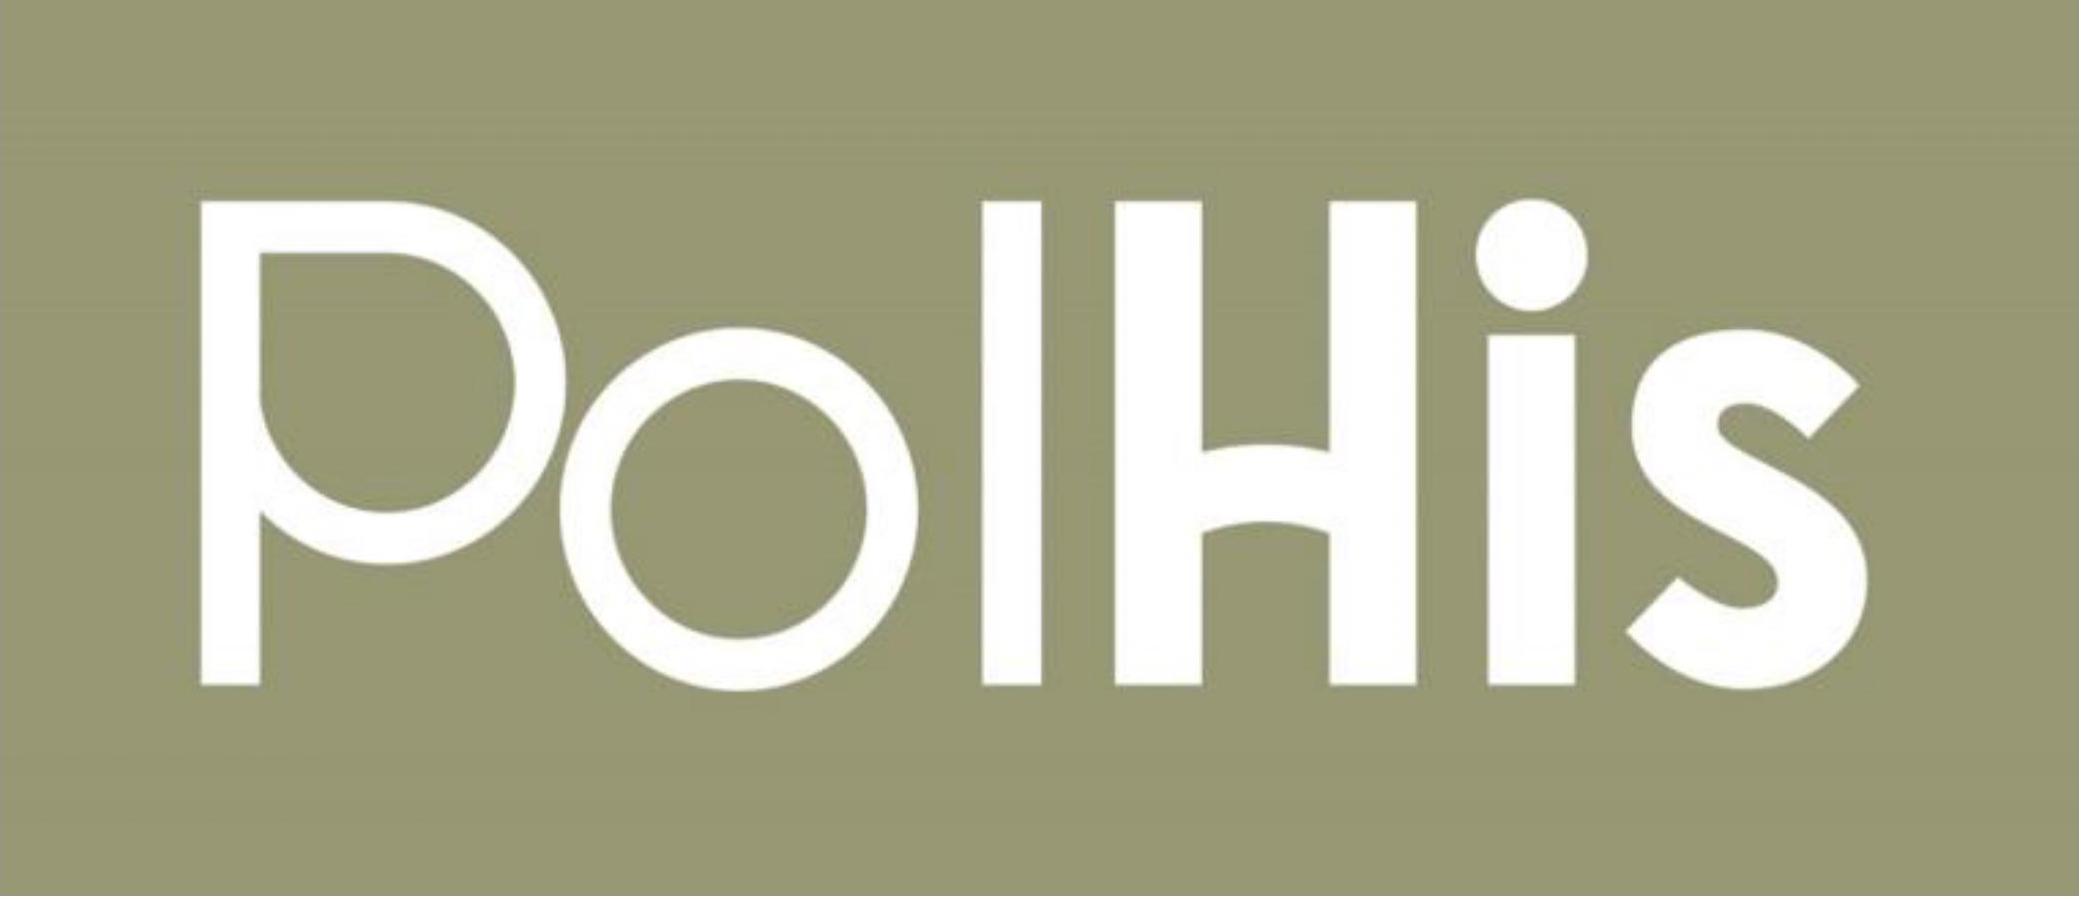 Revista Bibliográfica del Programa Interuniversitario de Historia Política